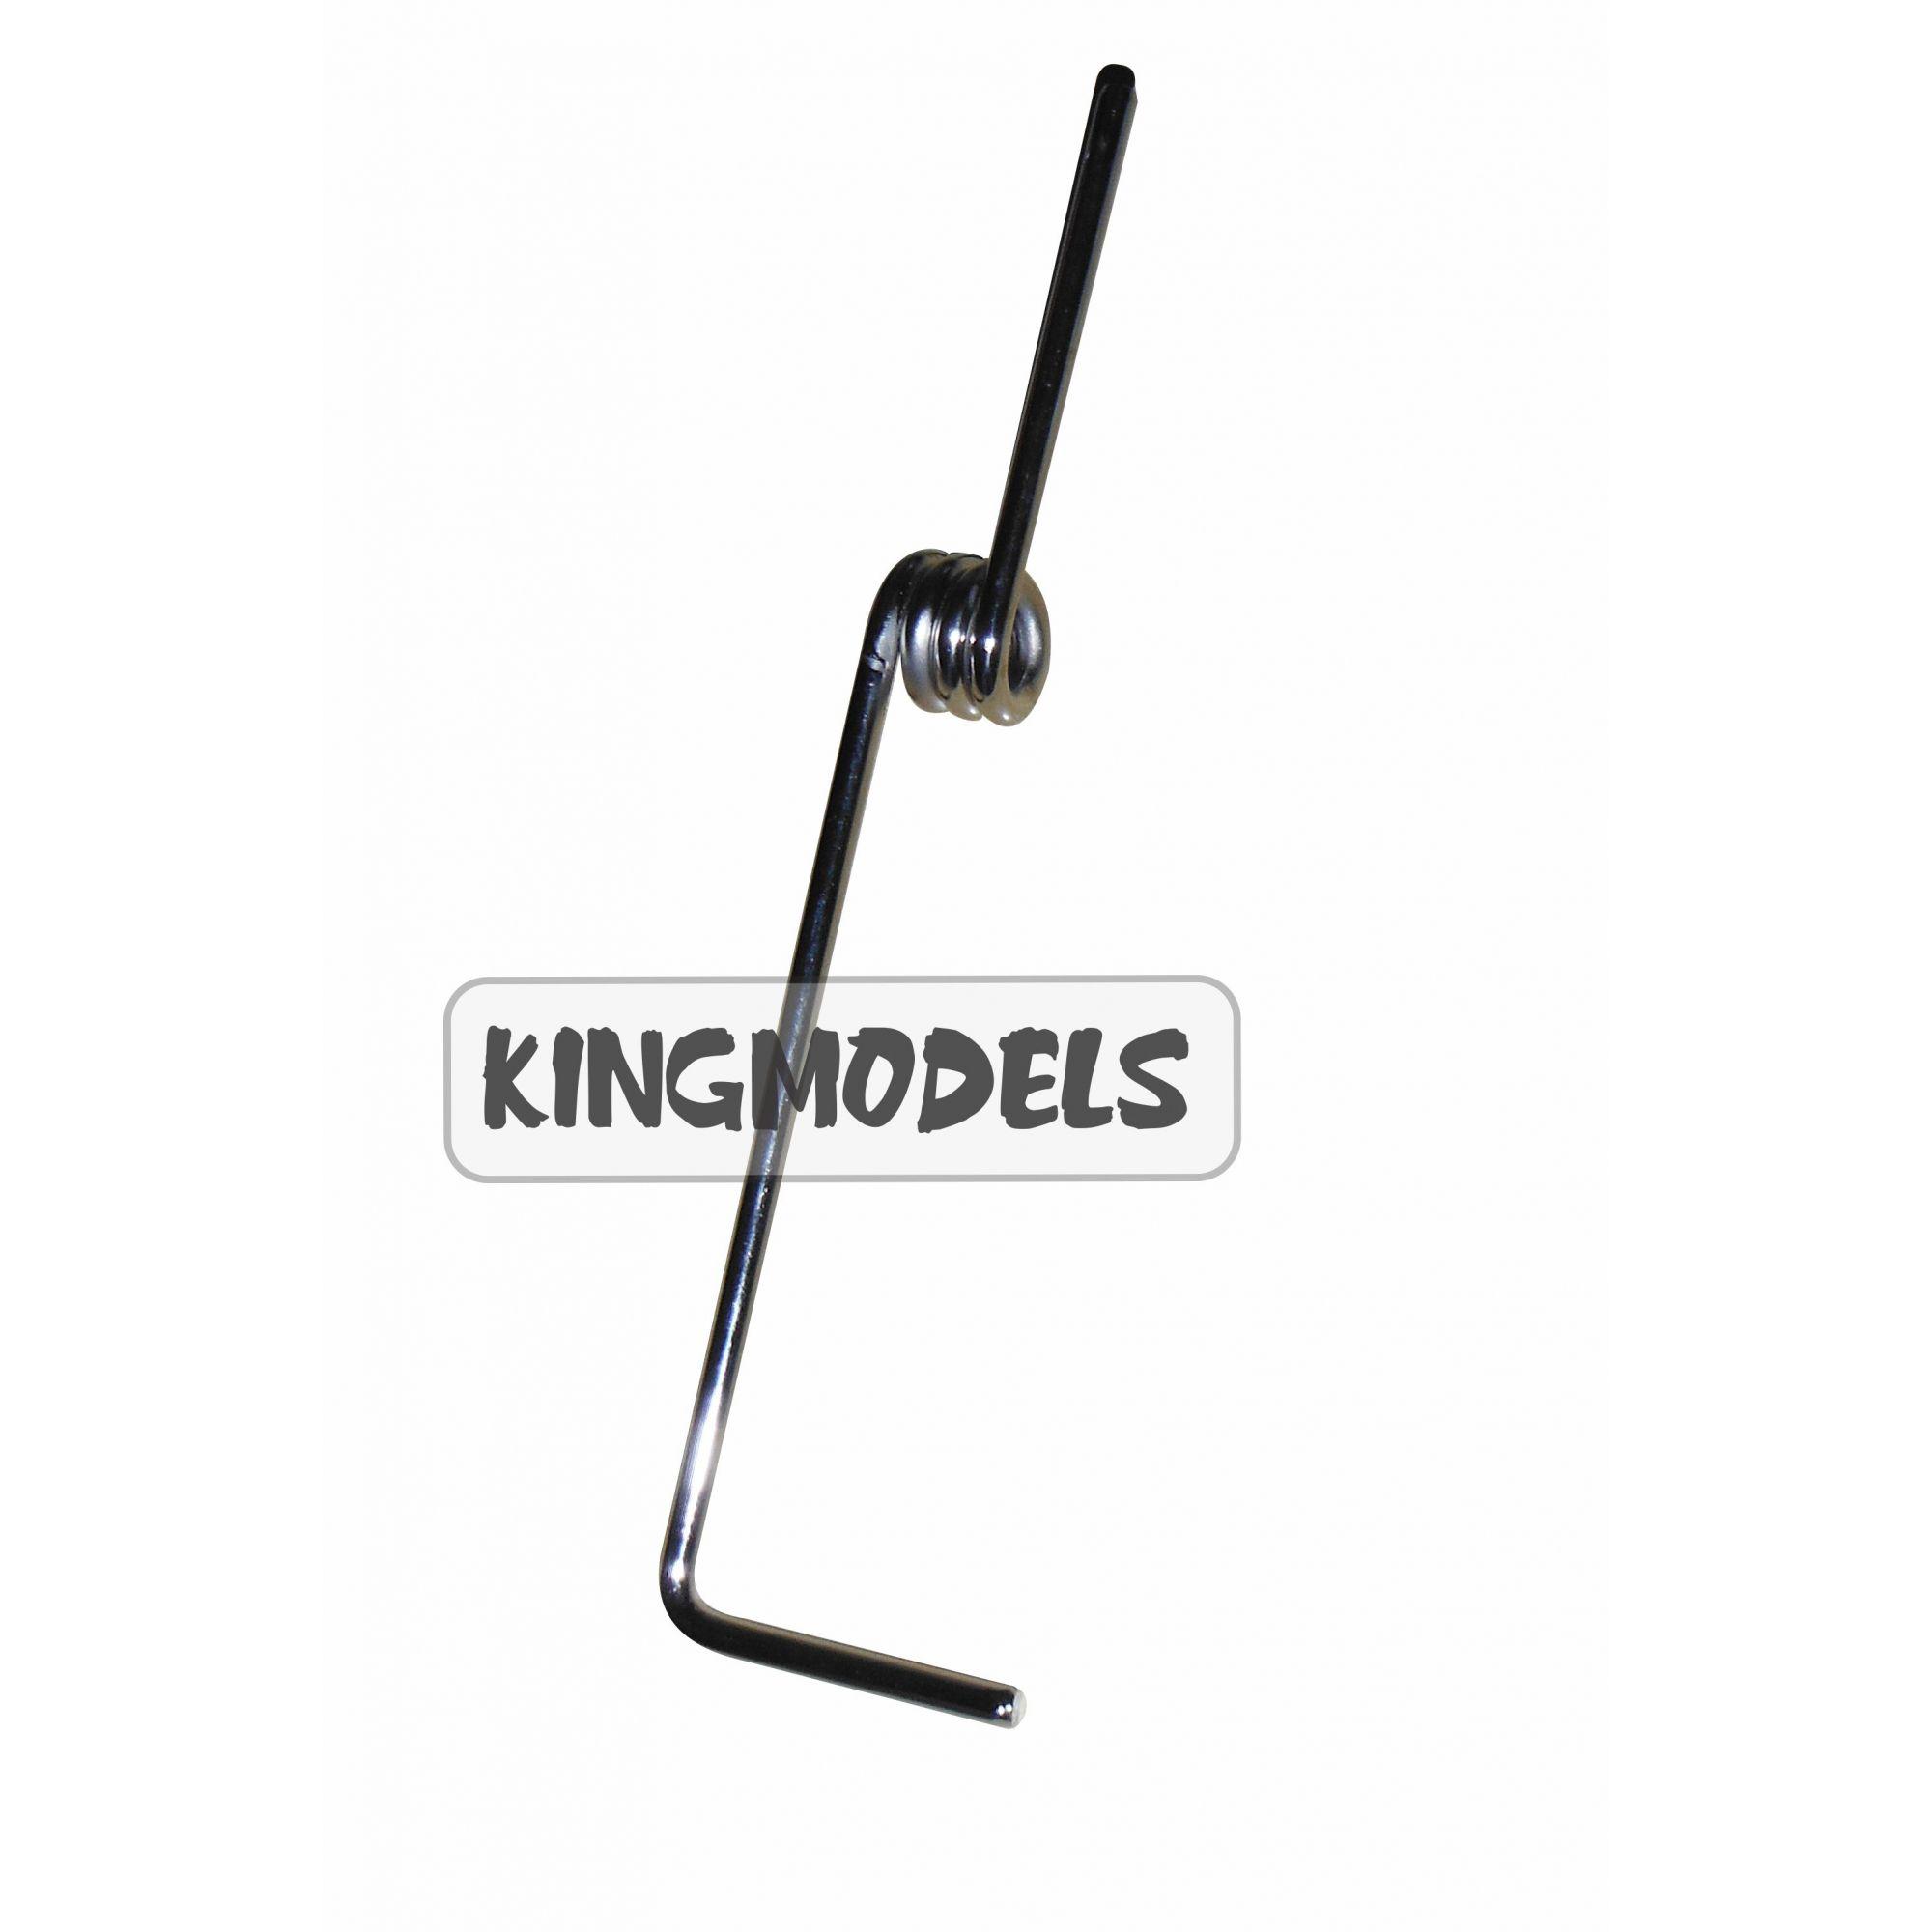 Bequilha Dianteira - Aeros A Combustão 150mm Com Mola-0419  - King Models